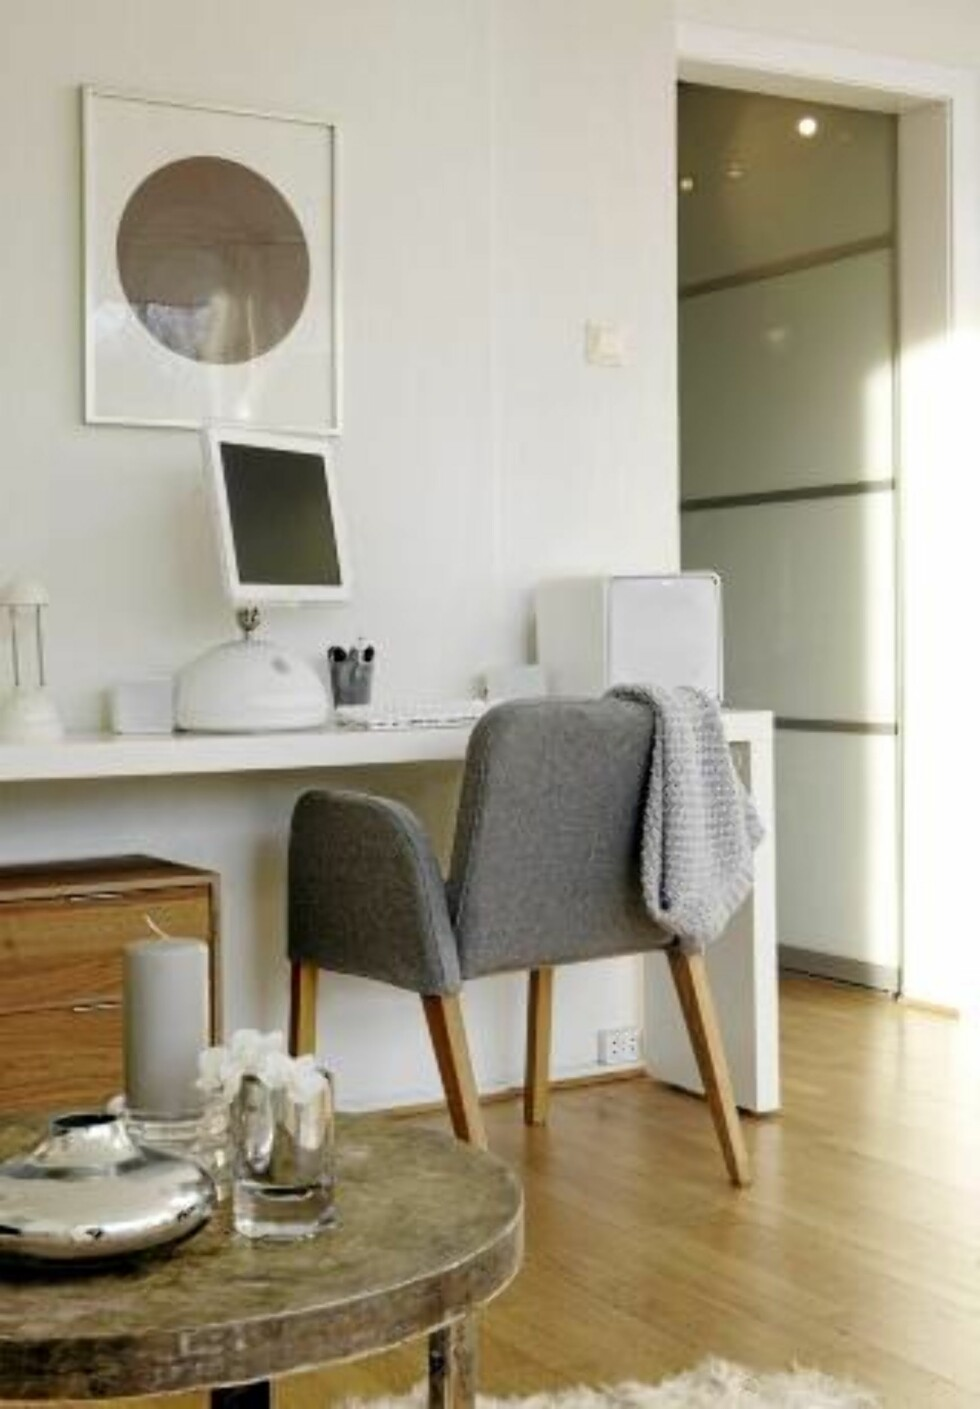 ARBEIDPLASS I STUA: Skrivebordet er et sengebord med hjul, fra Ikea. Det tar liten plass, men gir god arbeidsflate.  FOTO: Yvonne Wilhelsen